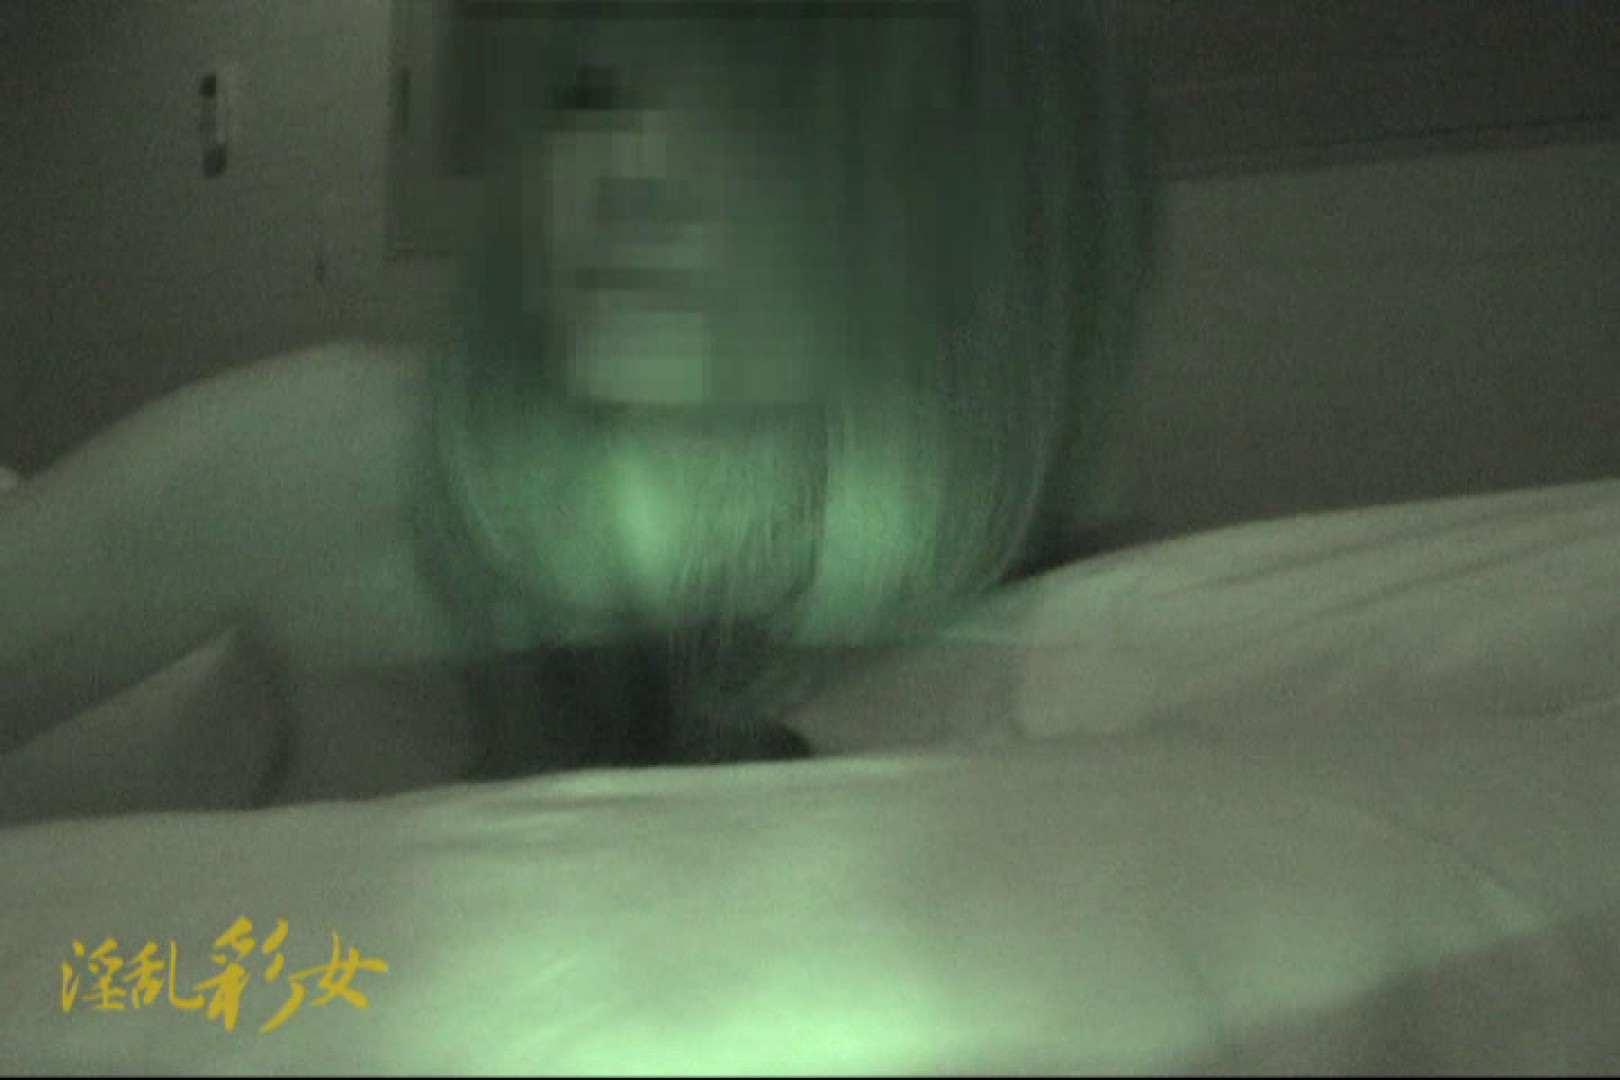 淫乱彩女 麻優里 禁断の彼氏2 一般投稿  77連発 41